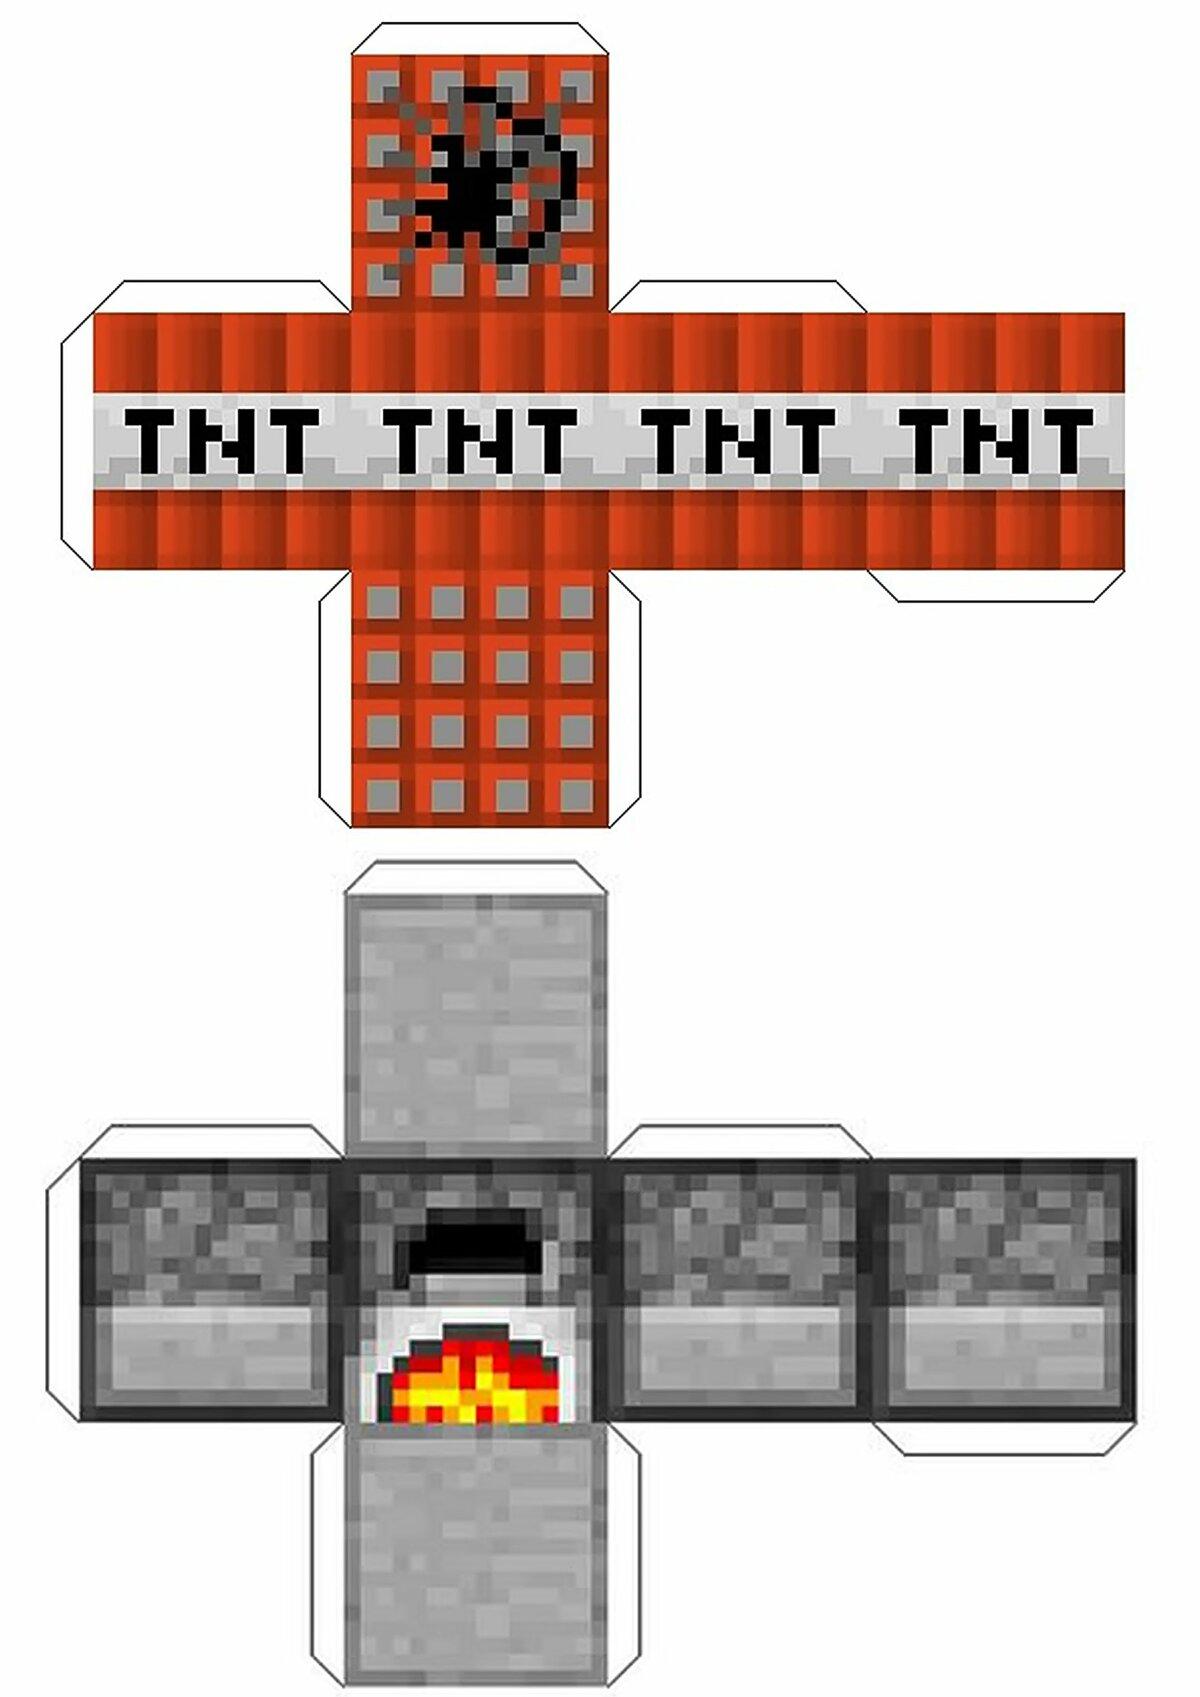 можете картинки из майнкрафта сделанными из блоков замены датчика был